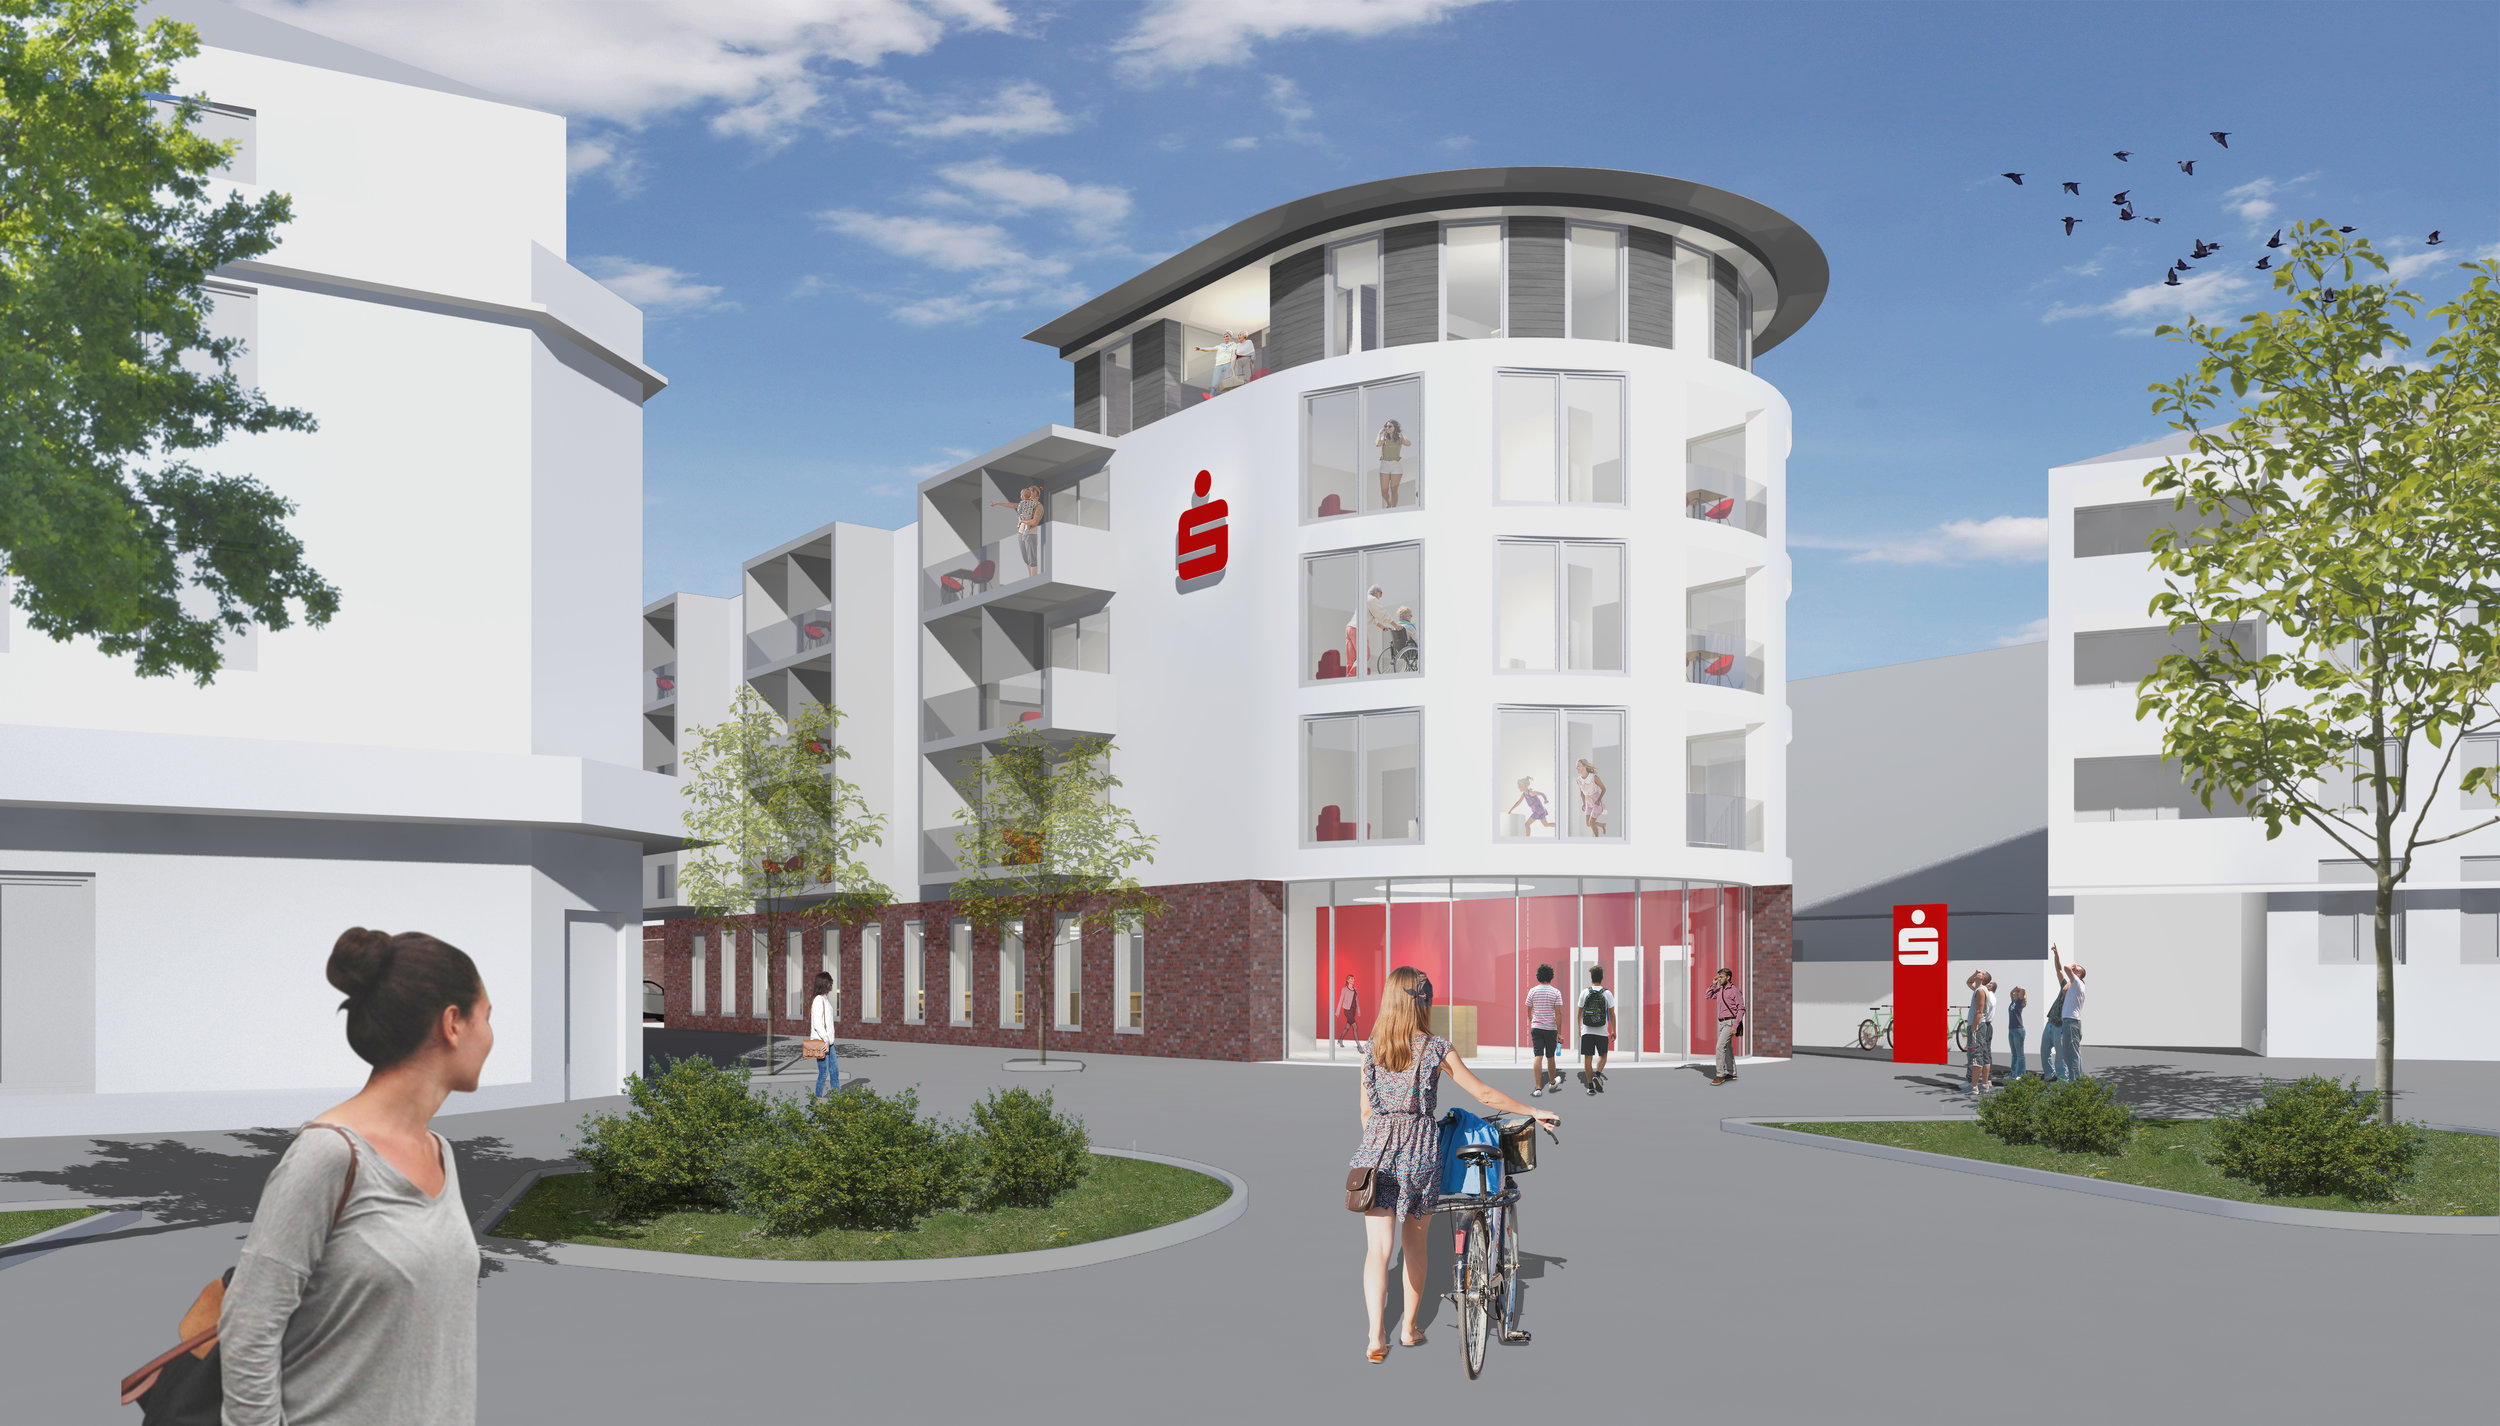 Wettbewerb - Wir freuen uns über den 1. Platz beim Wettbewerb um den Neubau eines Wohn- und Geschäftshauses mit Sparkassen-Geschäftsstelle in PaderbornMärz 2019